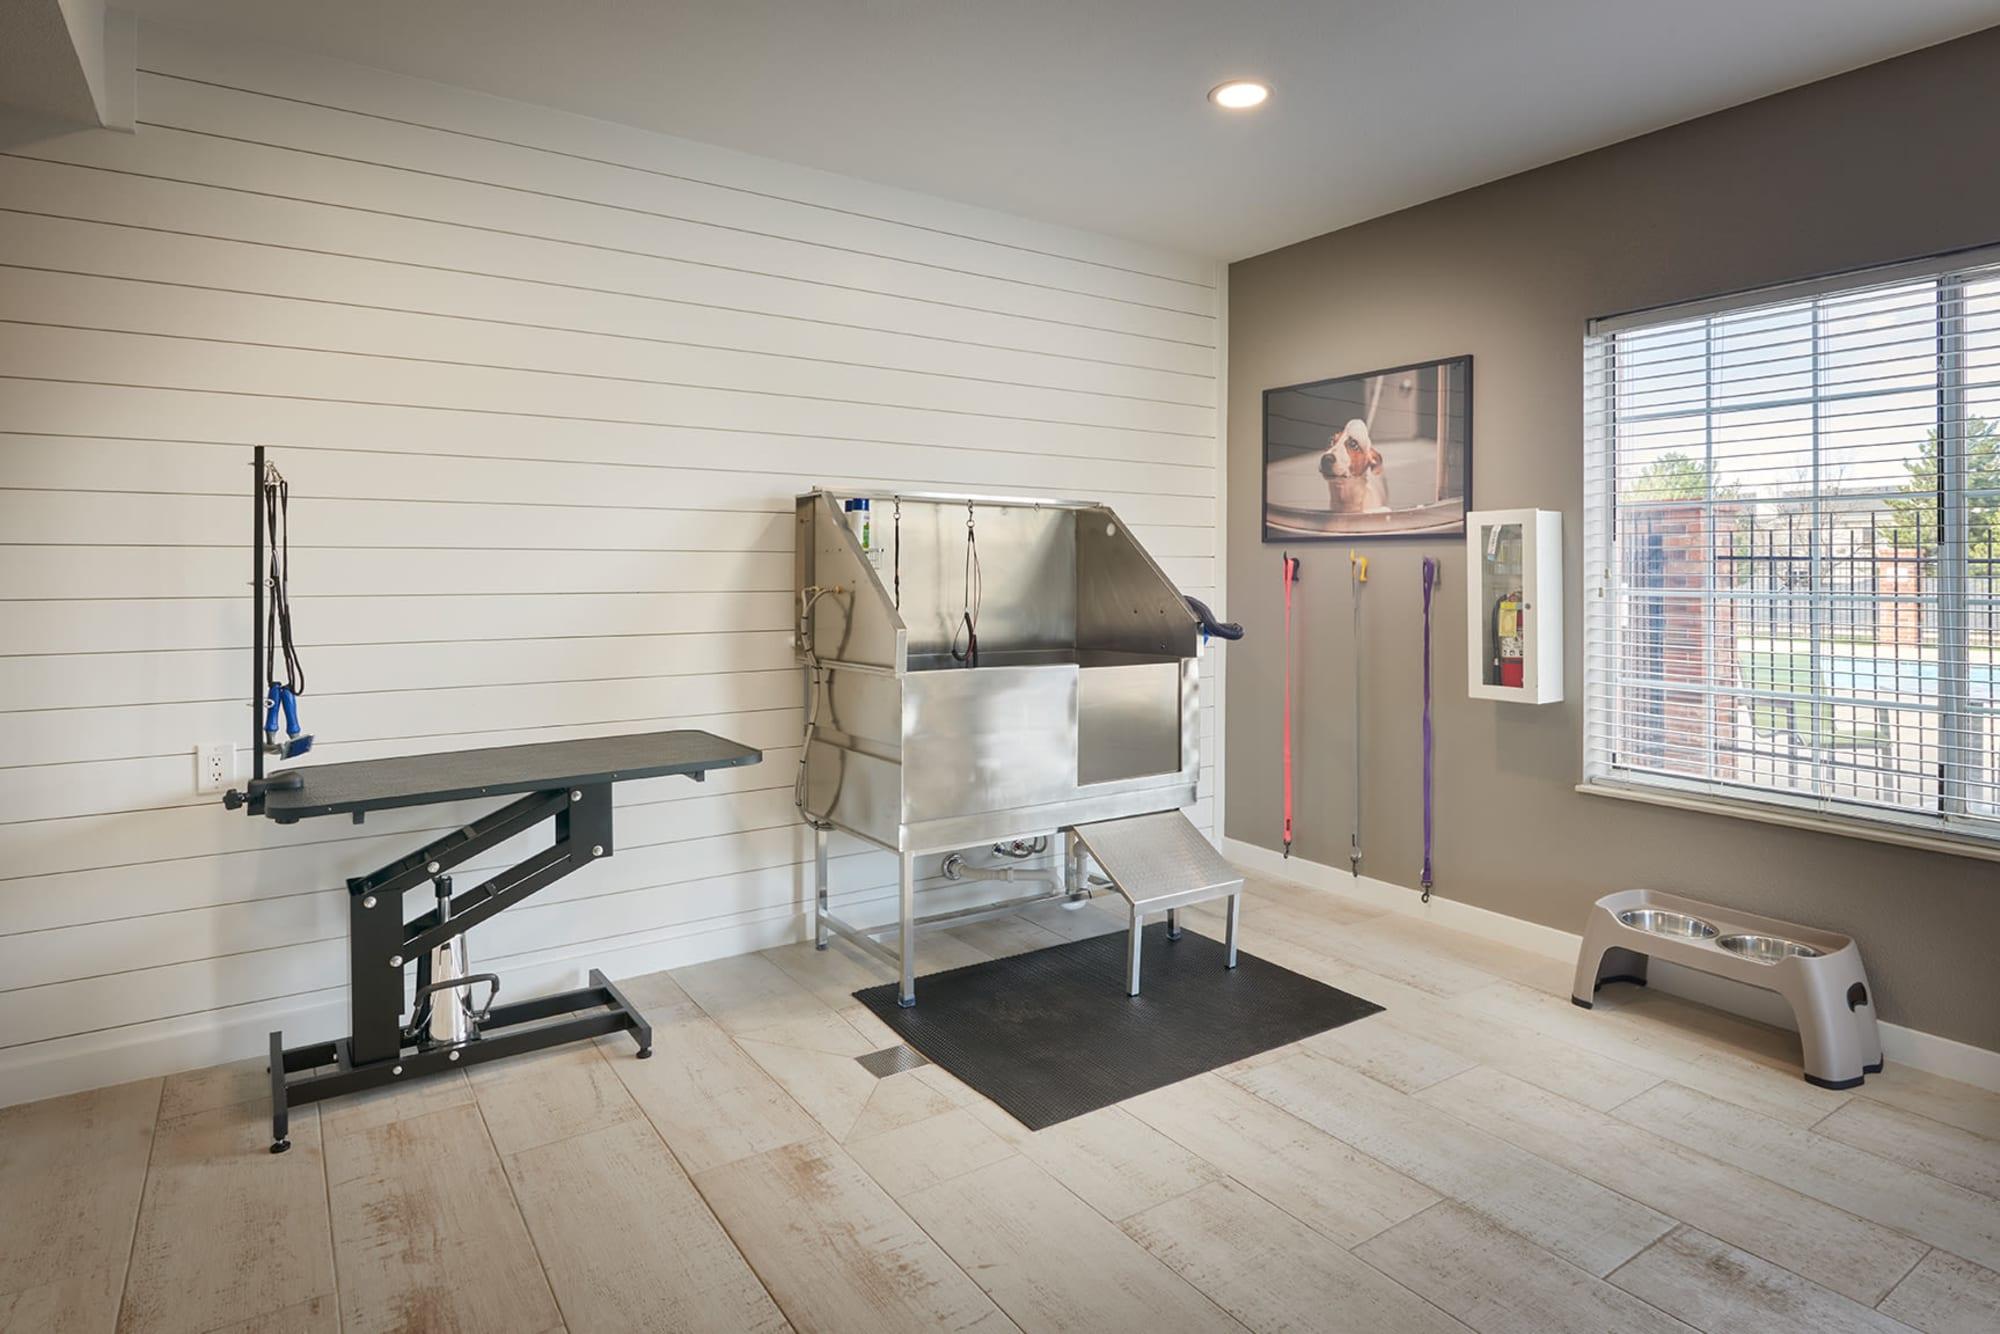 Pet Wash Room at Villas at Homestead Apartments in Englewood, Colorado